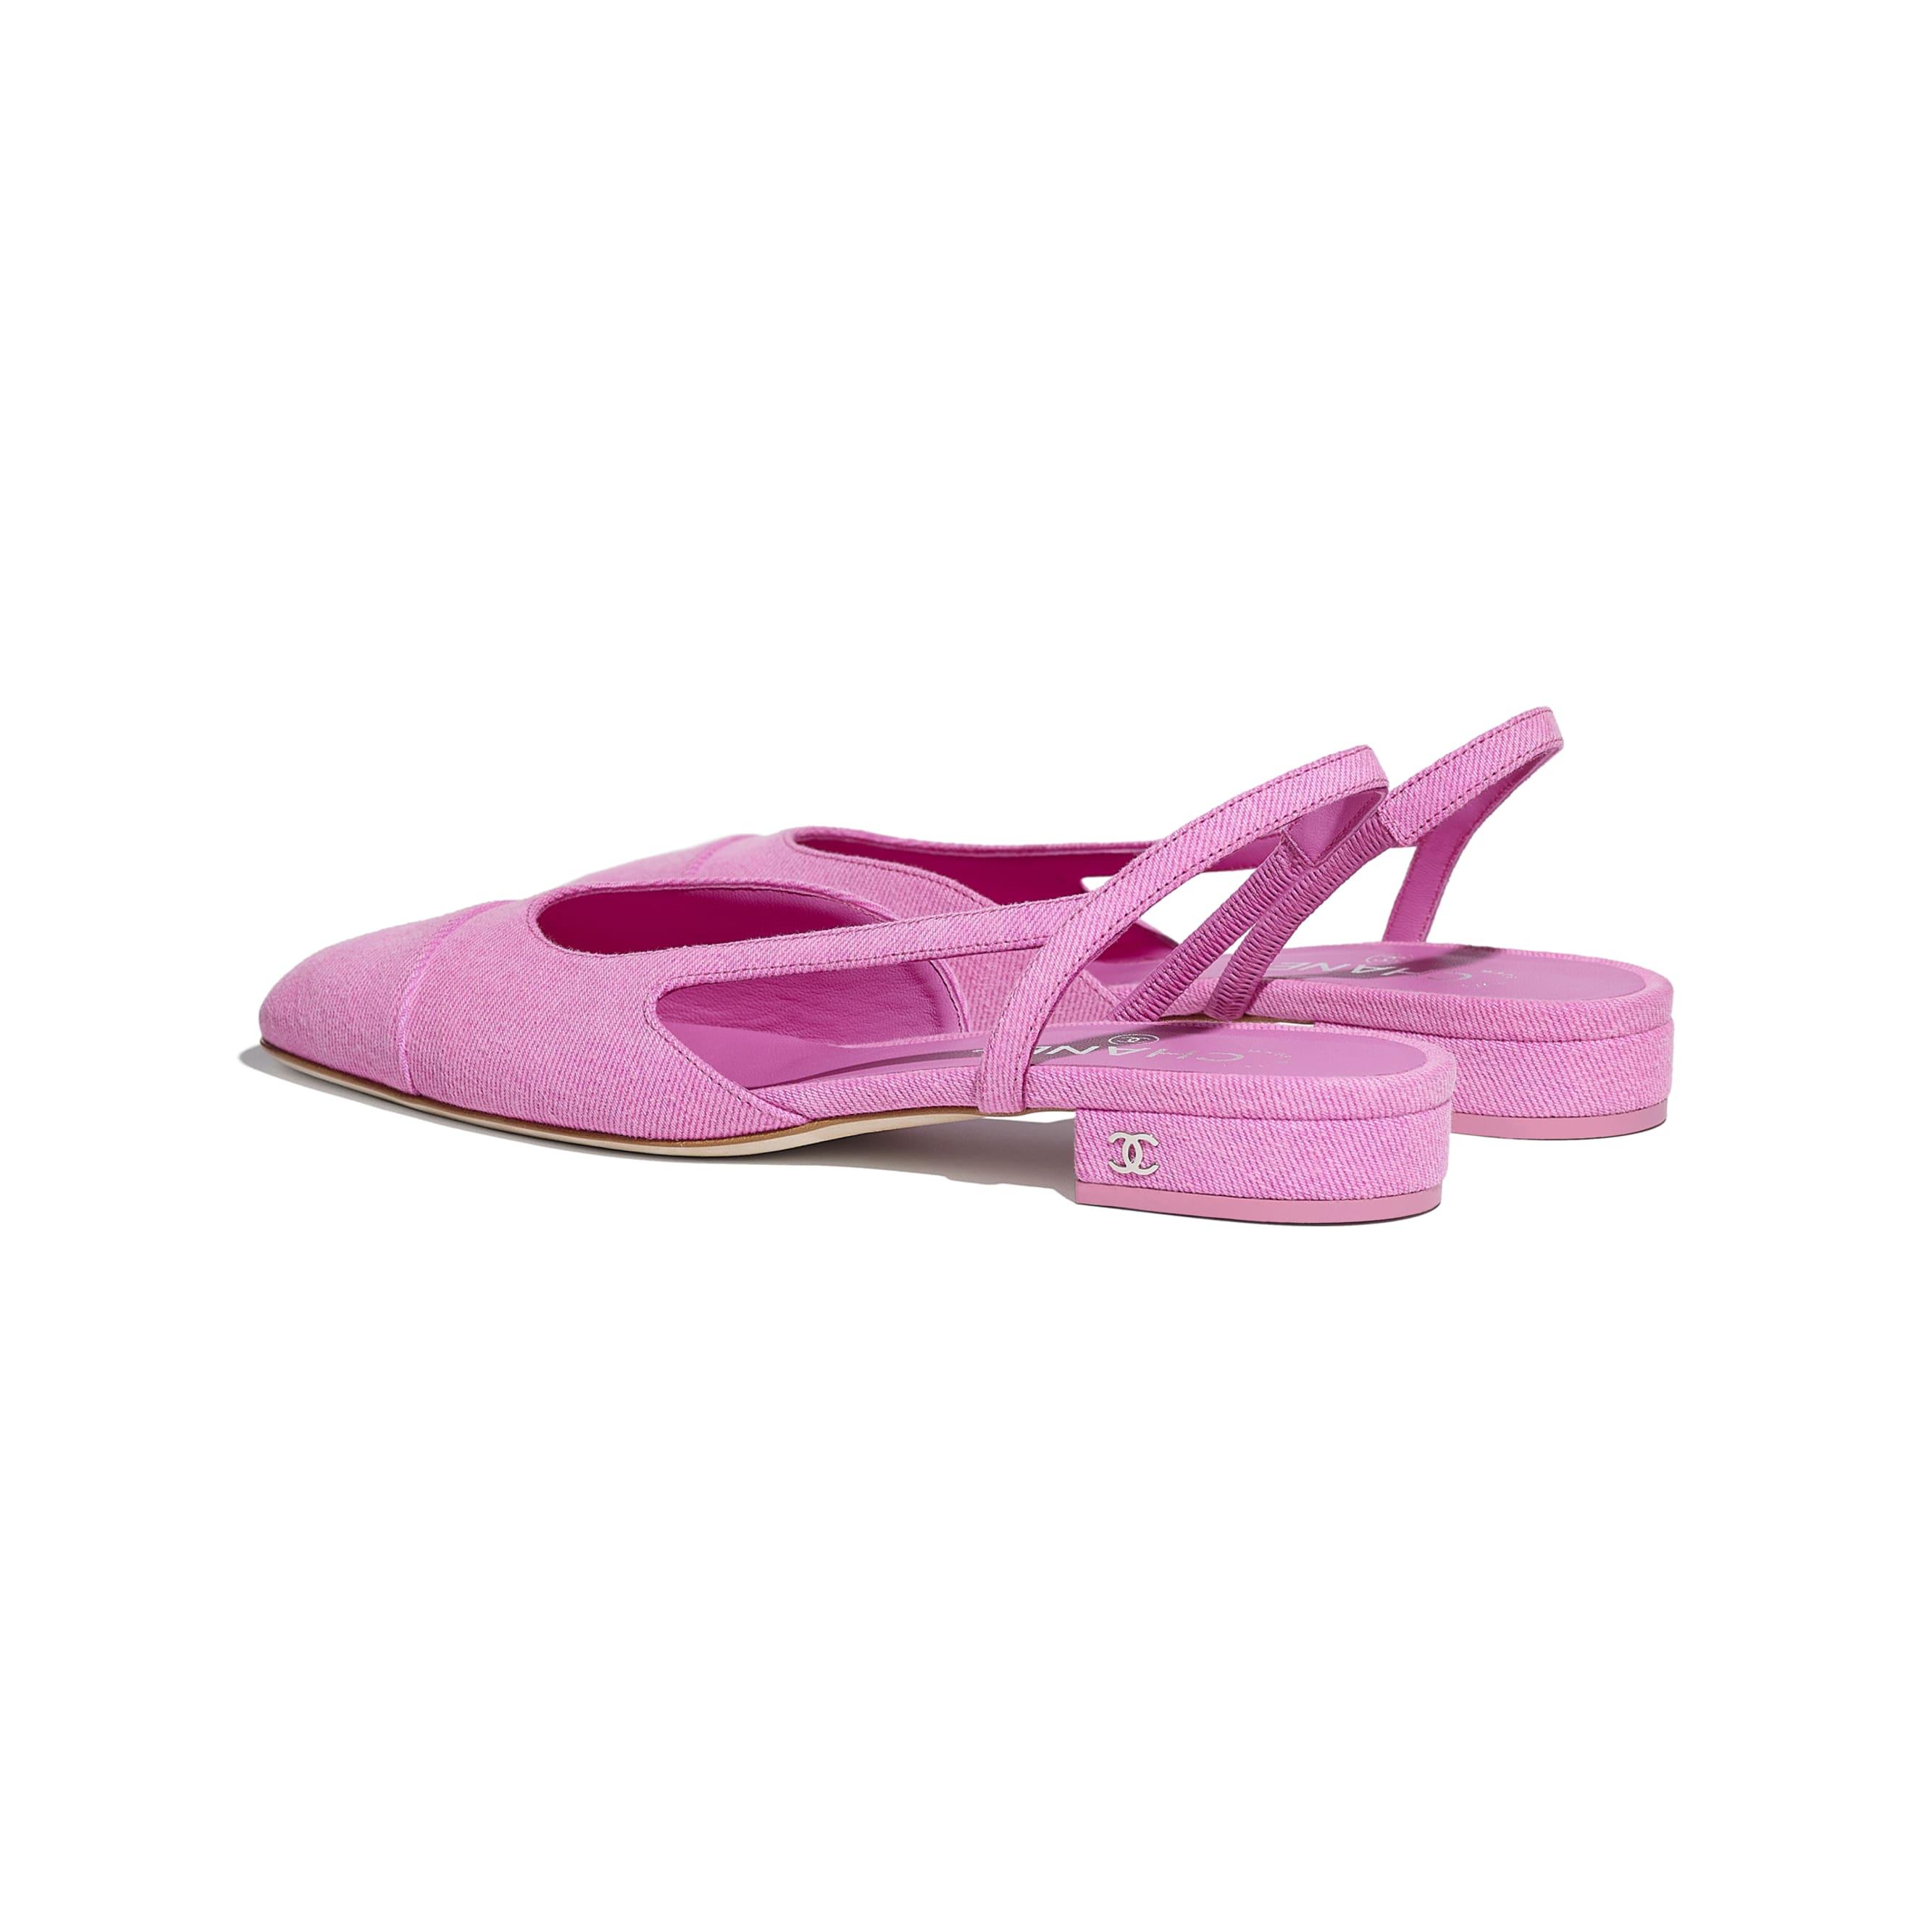 Sandálias - Neon Pink - Jeans - CHANEL - Outra vista - ver a versão em tamanho standard